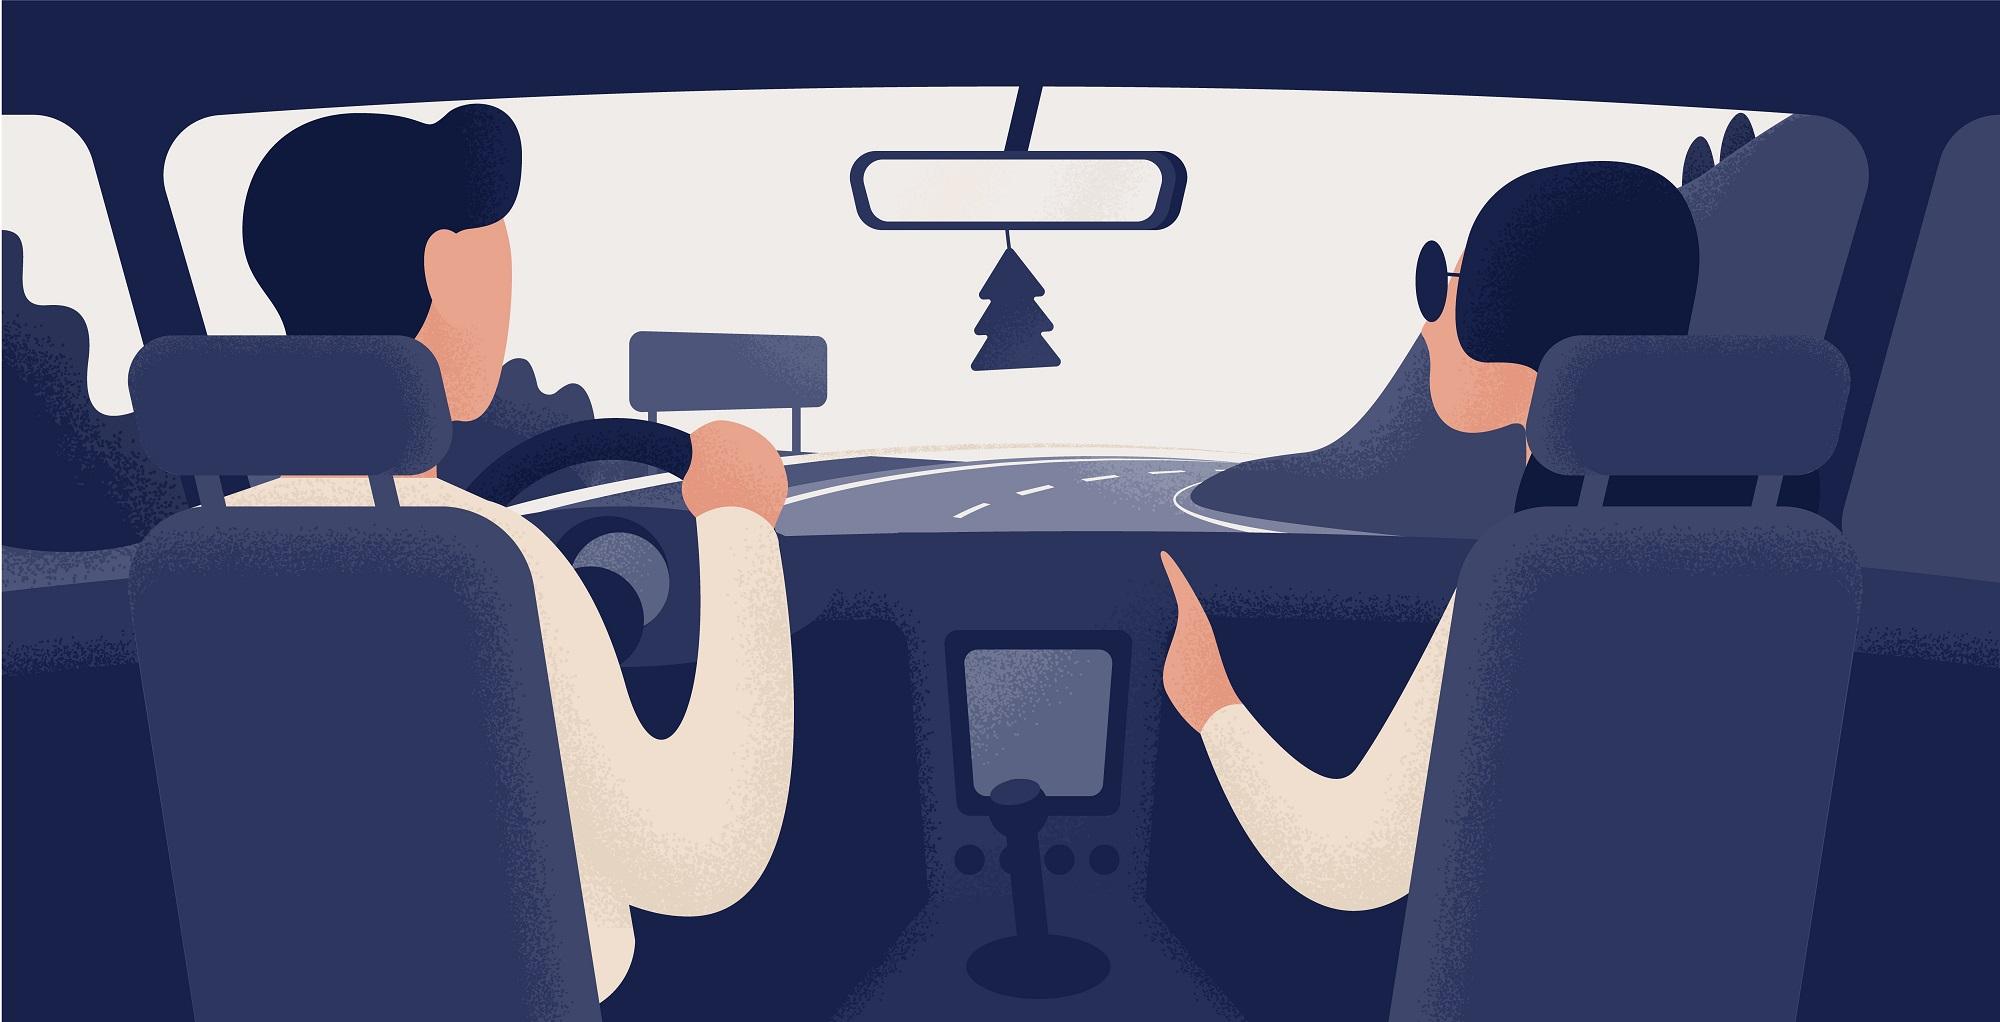 Illustration de 2 personnes dans une voiture vue des places arrières